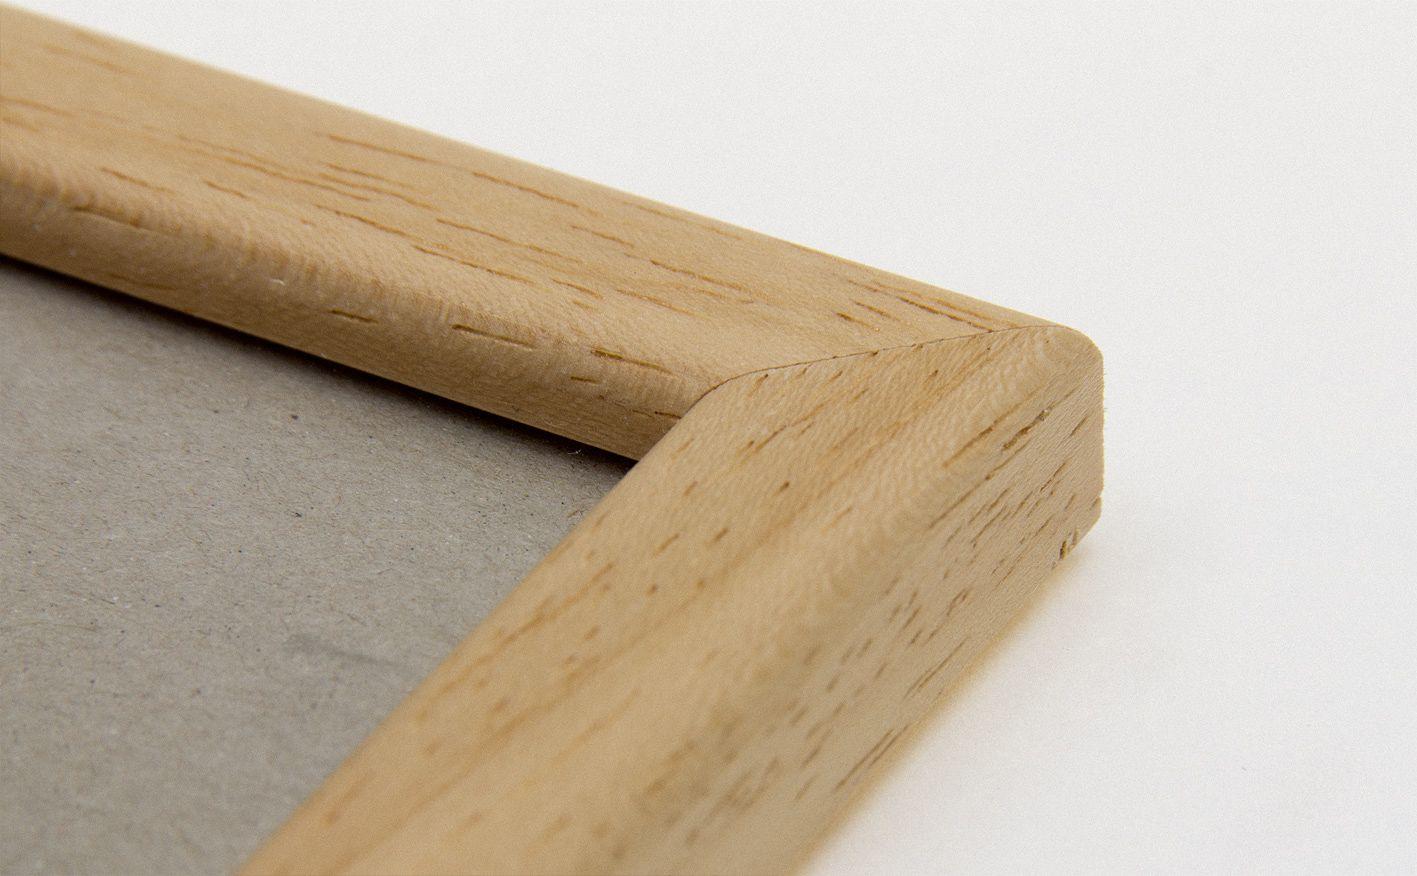 Bilderrahmen aus Holz, natur, A4, mit Profilleiste kaufen